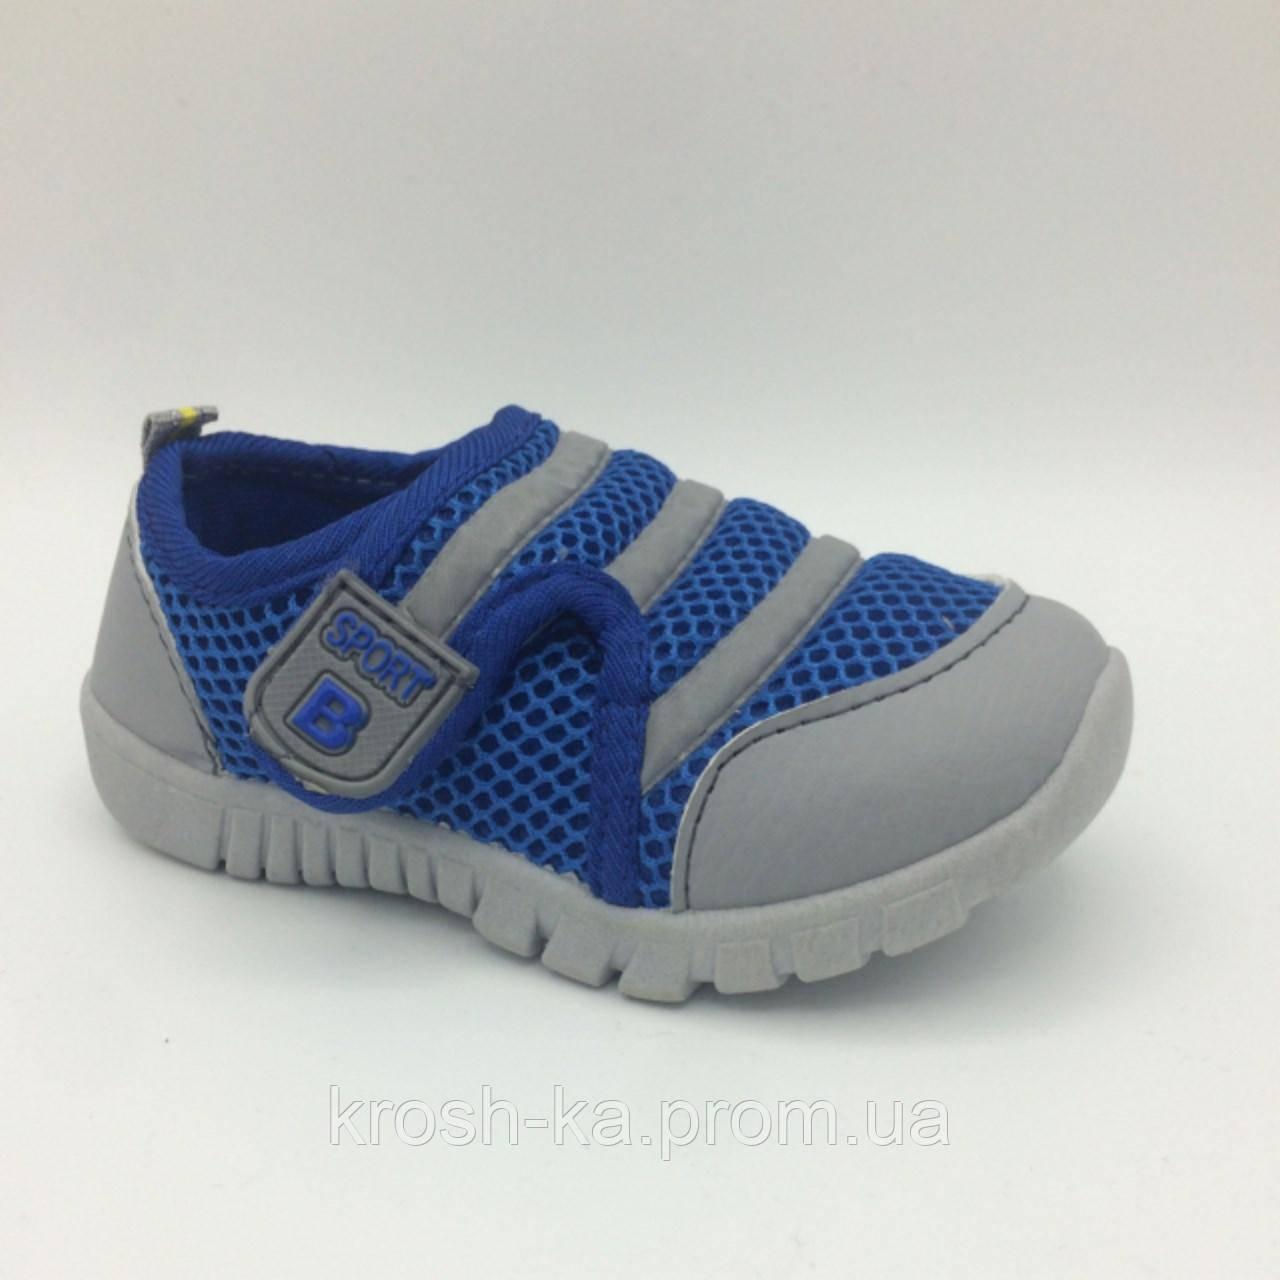 Кроссовки для мальчика на липучке синие Sport (21,22) Китай 01200